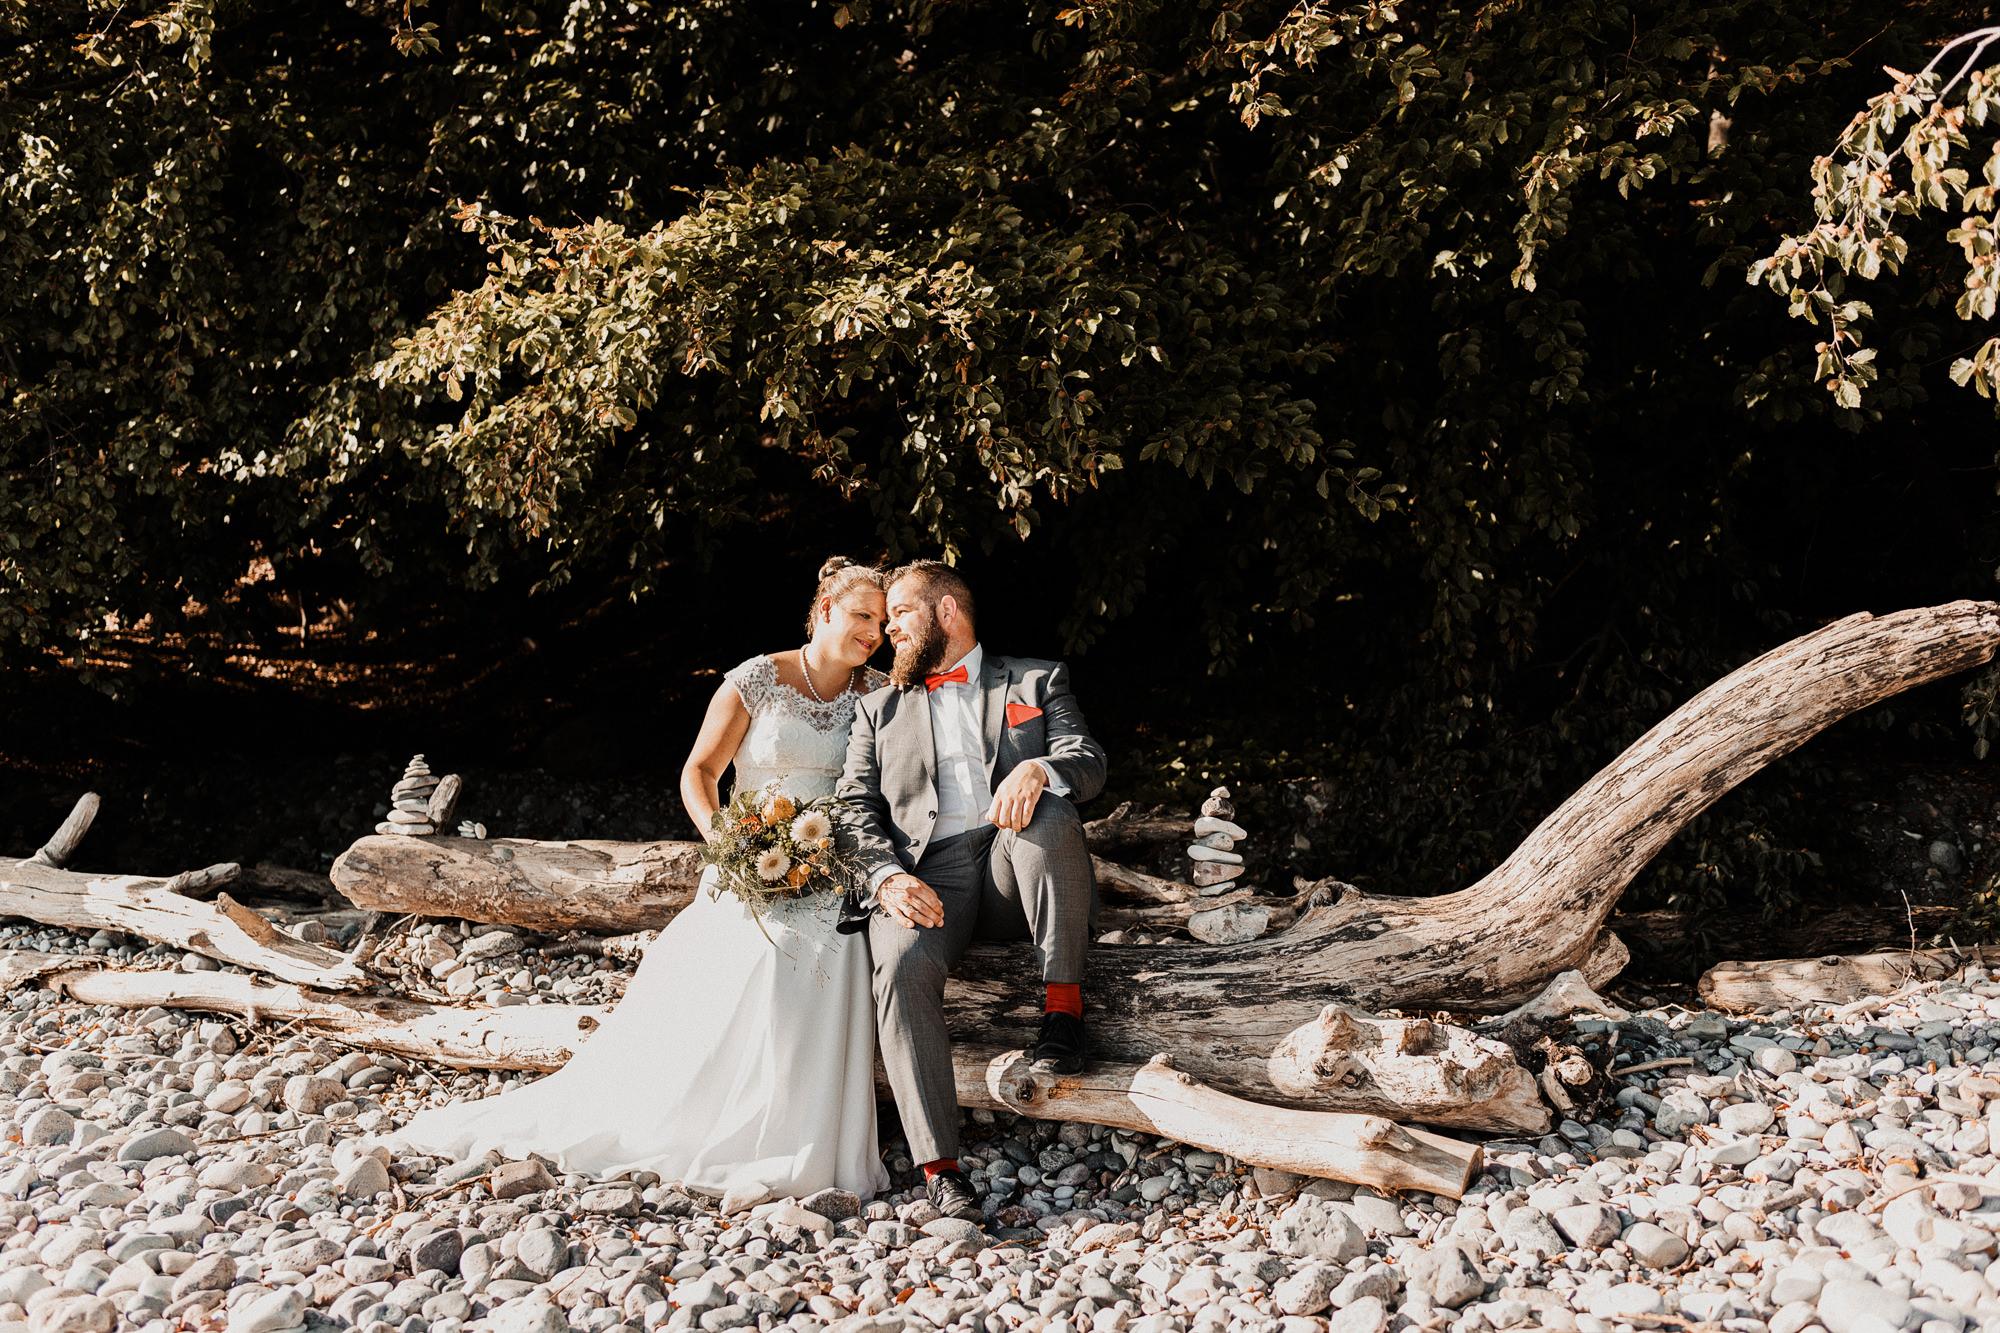 Brautpaarshooting - Ruegen - Binz - Brautpaarfotos - Pärchenfotos - After Wedding - Baabe - Goehren